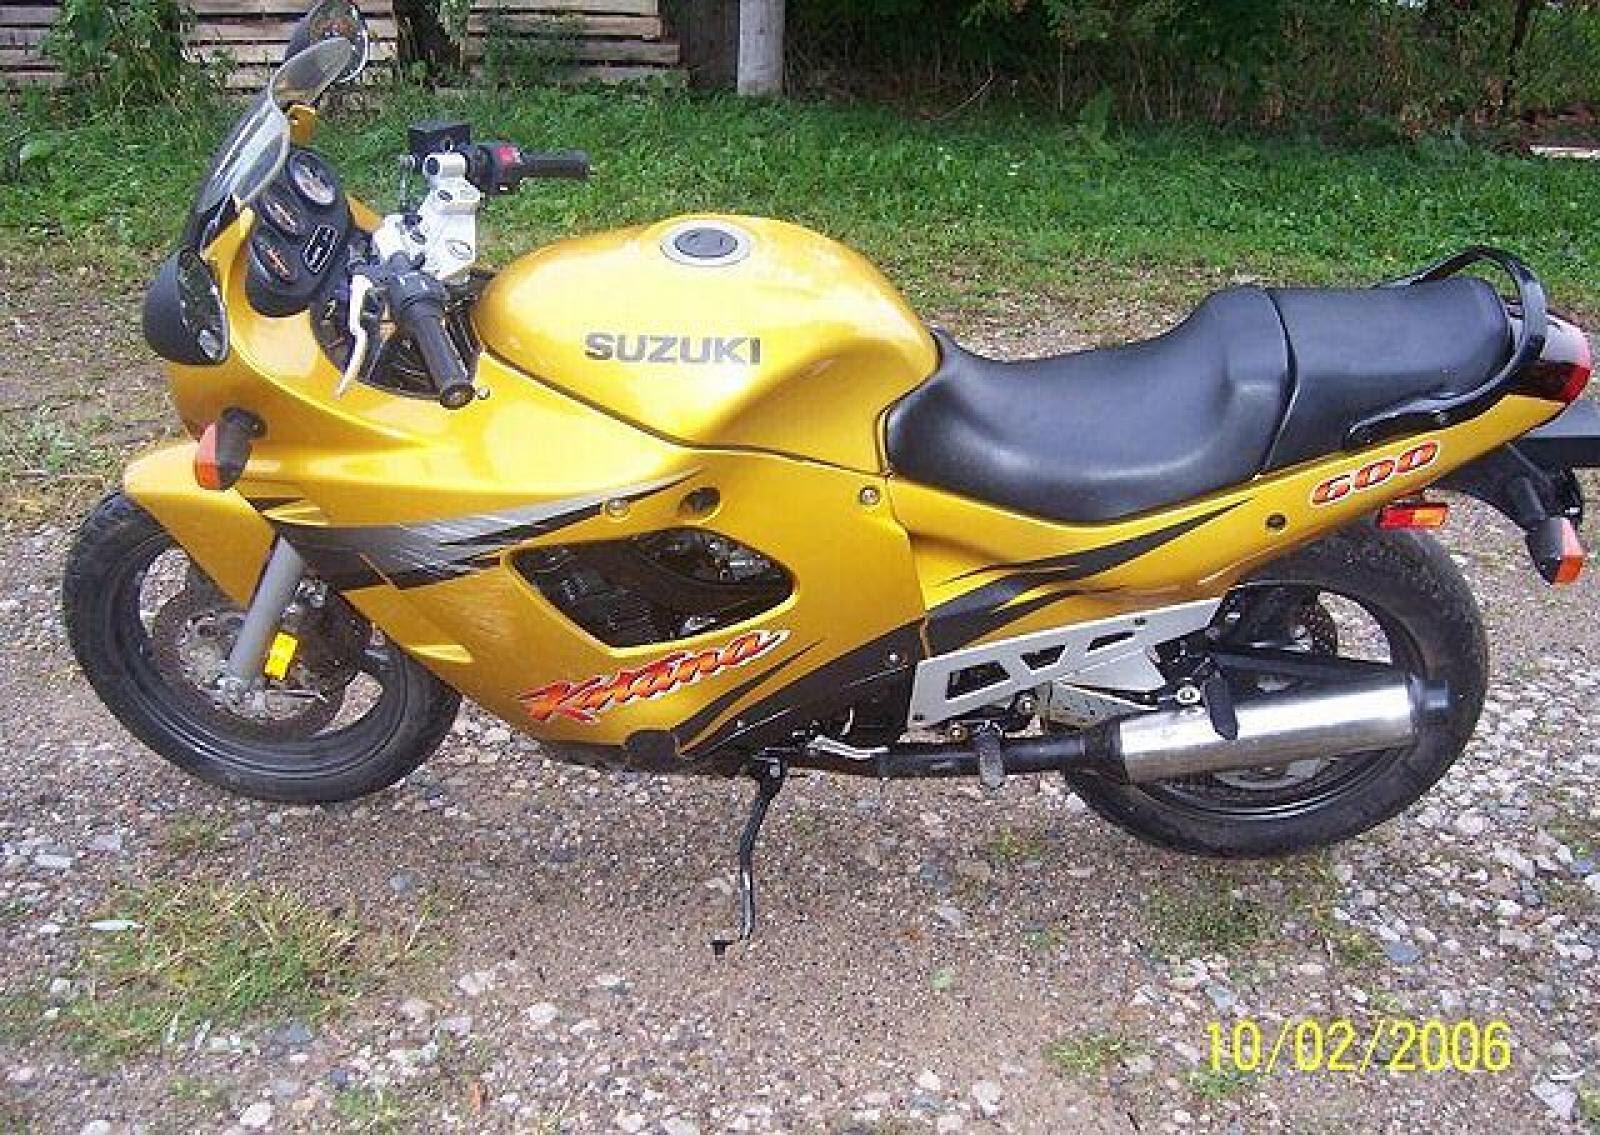 1997 Suzuki GSX 600 F - Moto.ZombDrive.COM